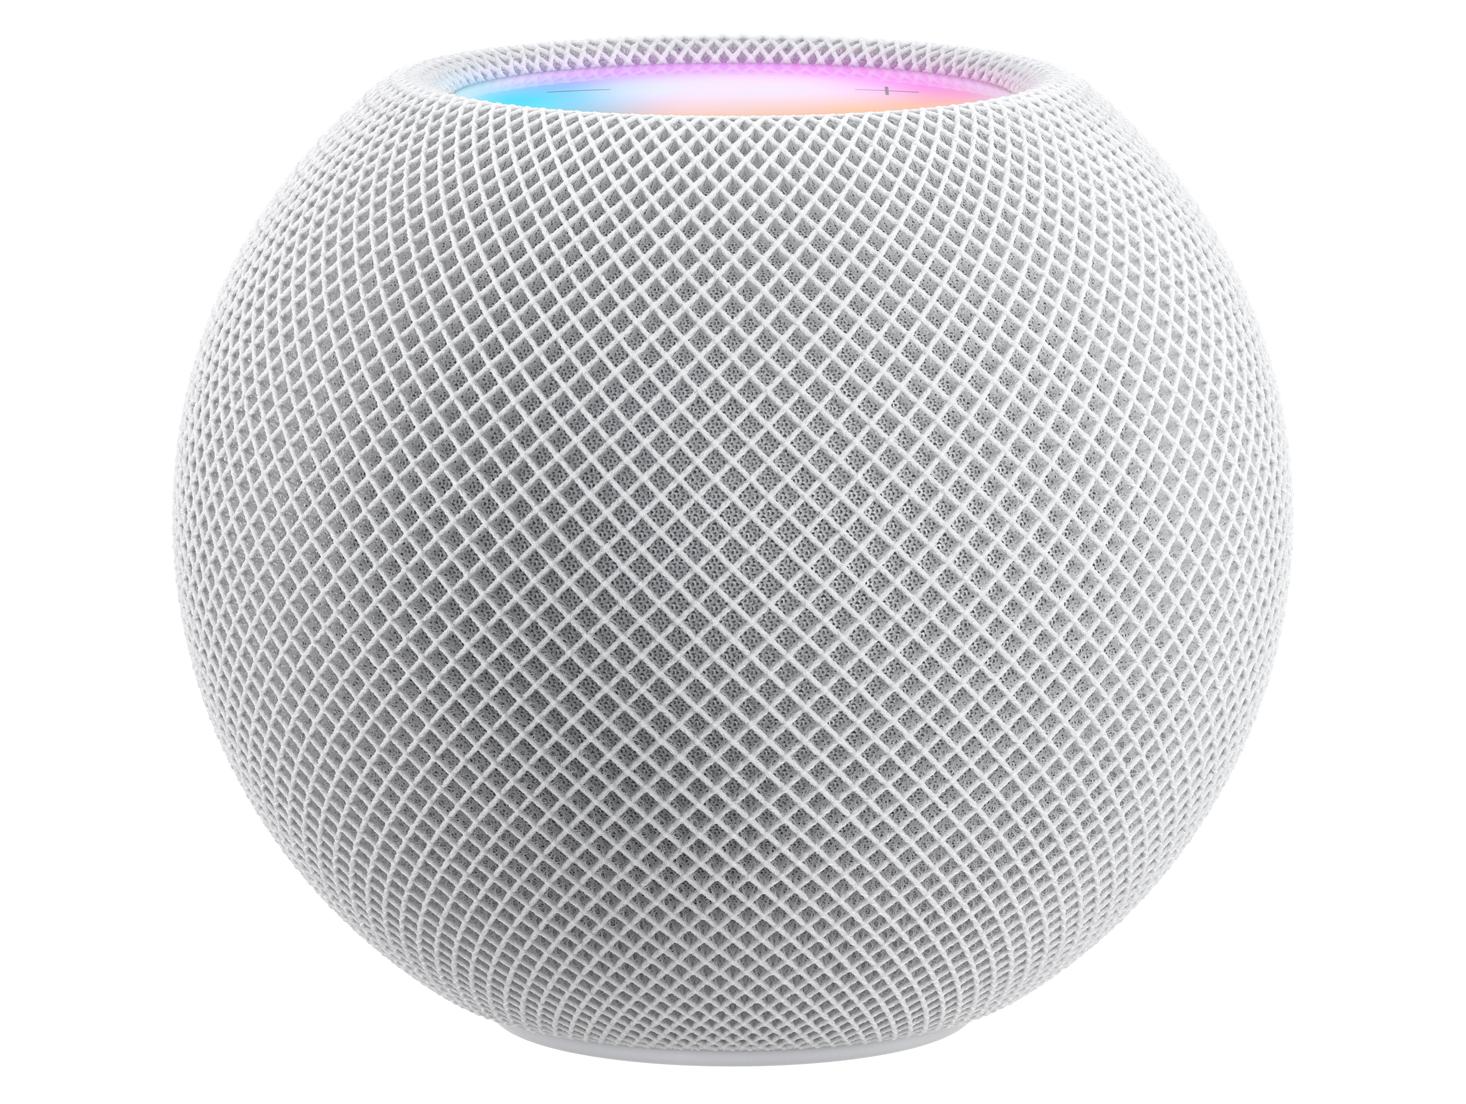 HomePod Mini | Fonte: Apple